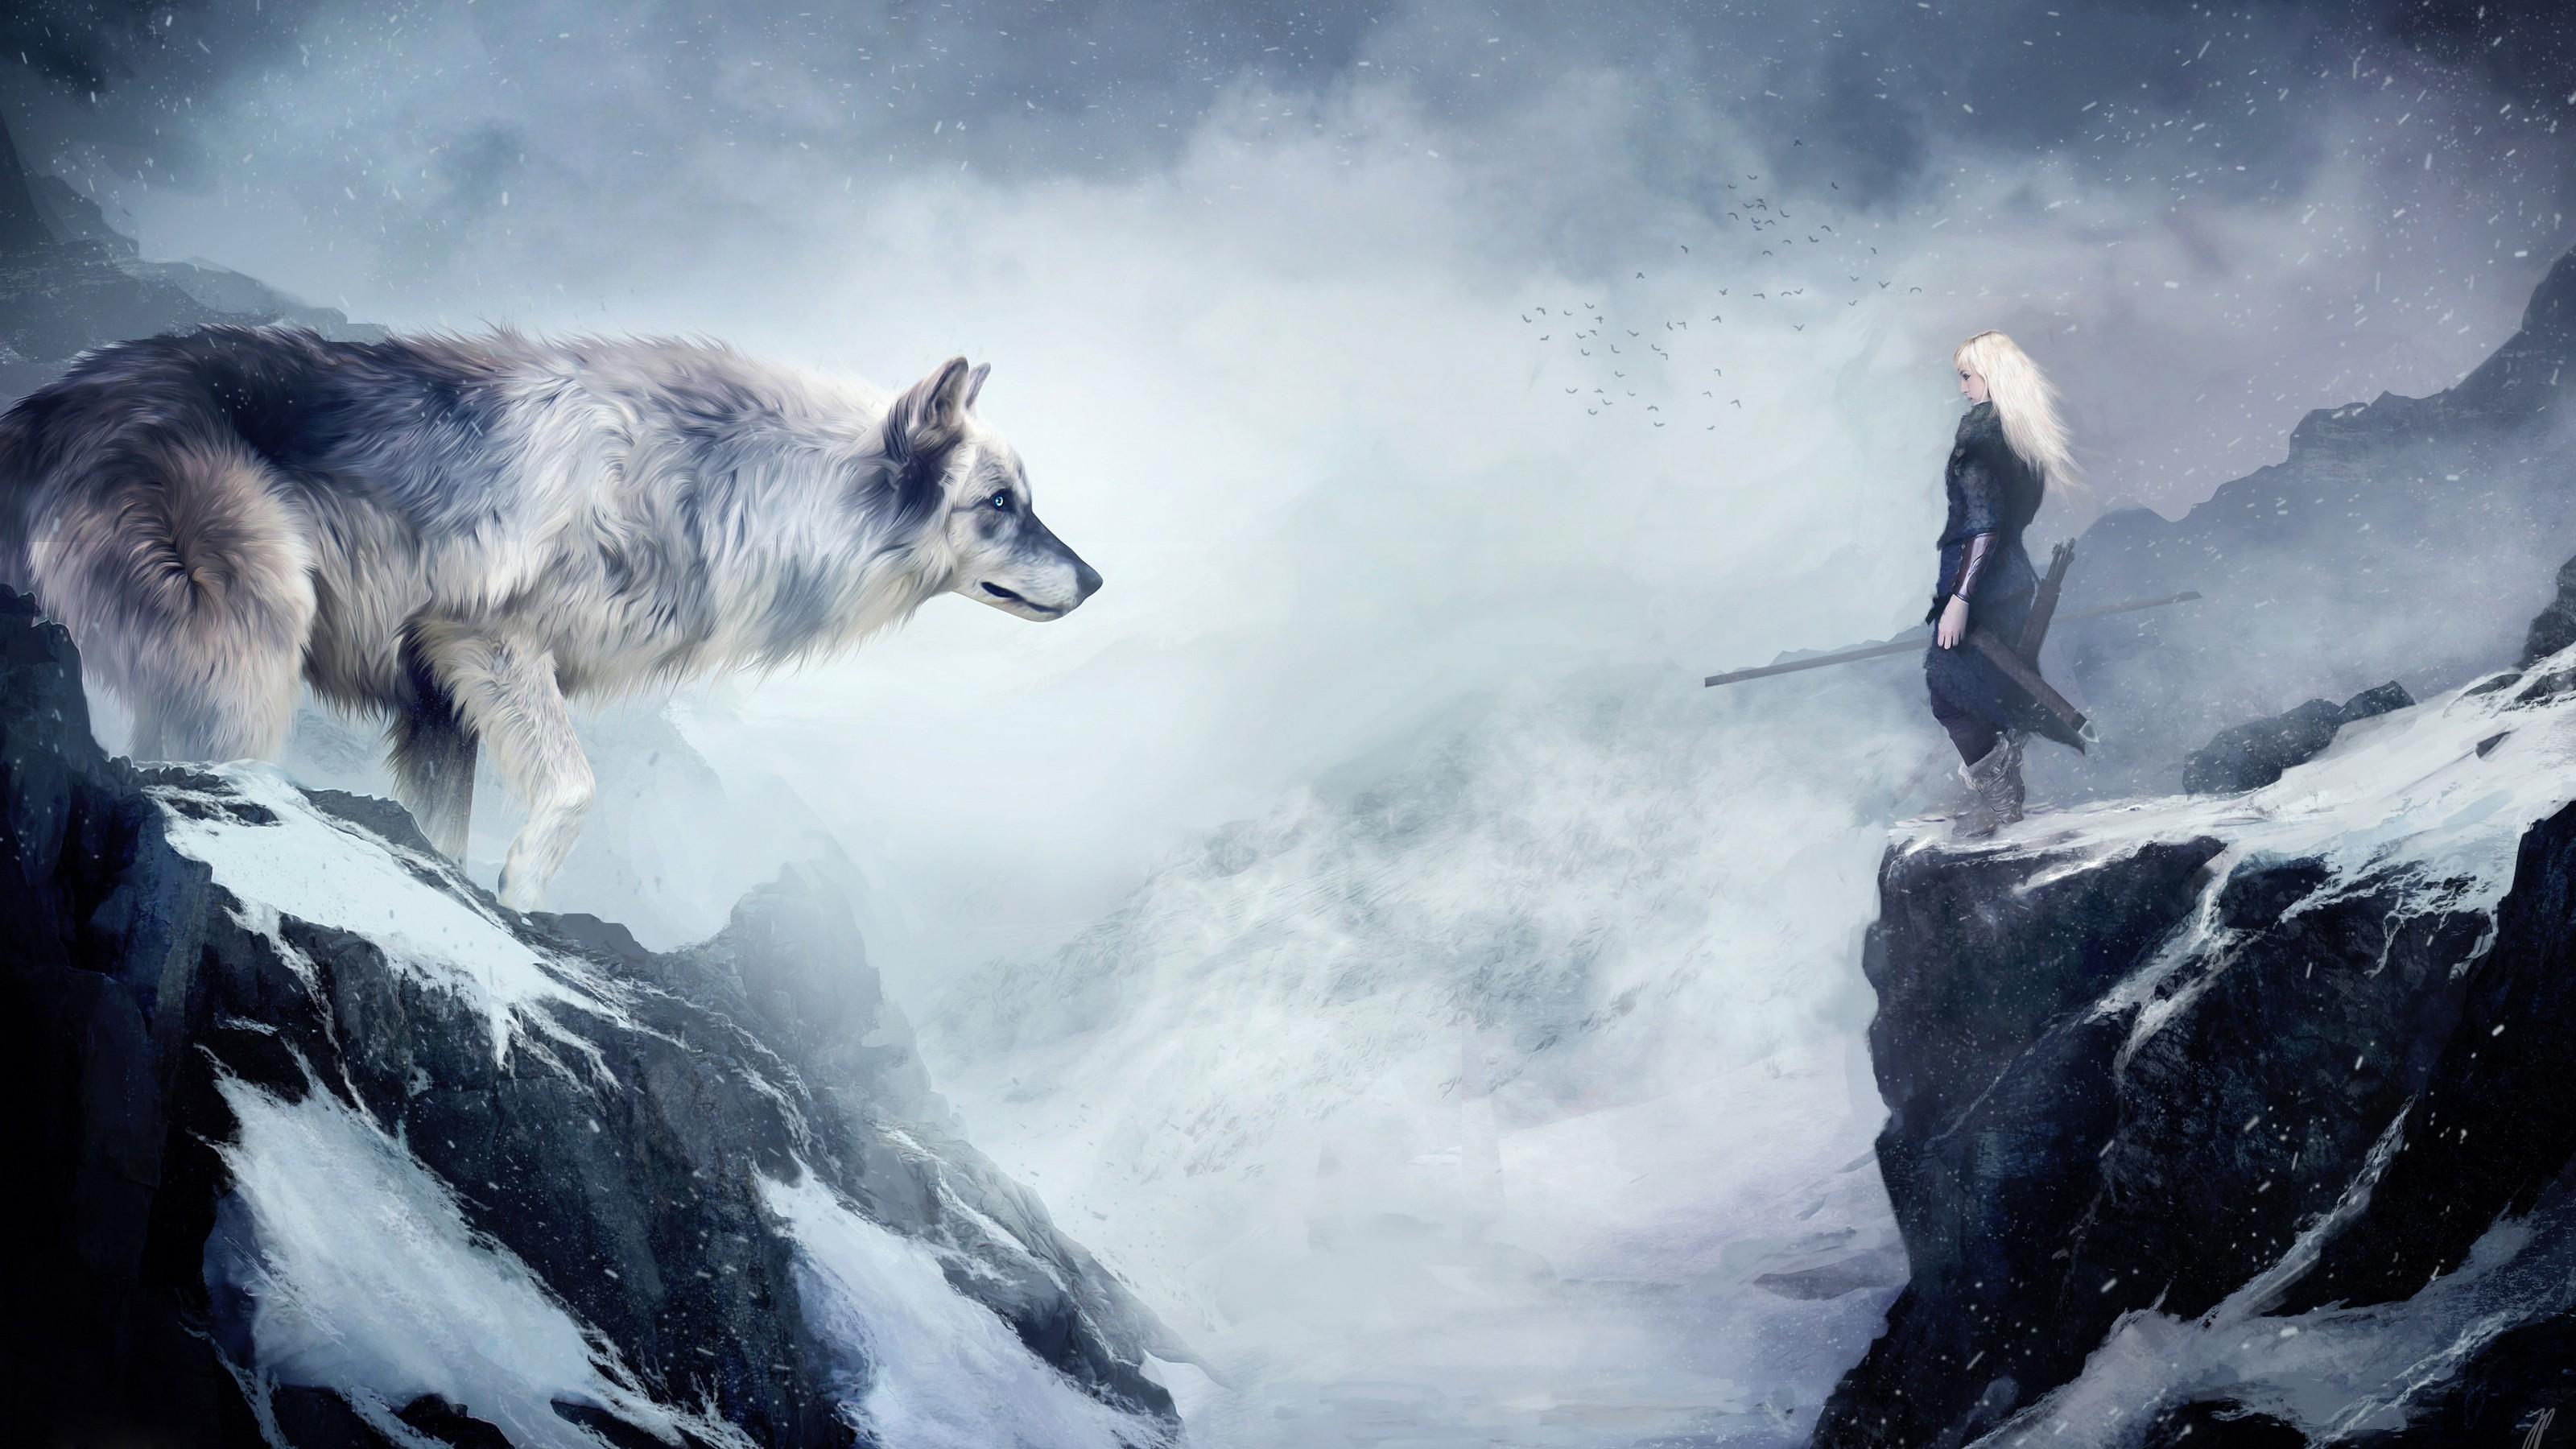 Wallpaper wolf, 4k, HD wallpaper, mountain, girl, animals ...